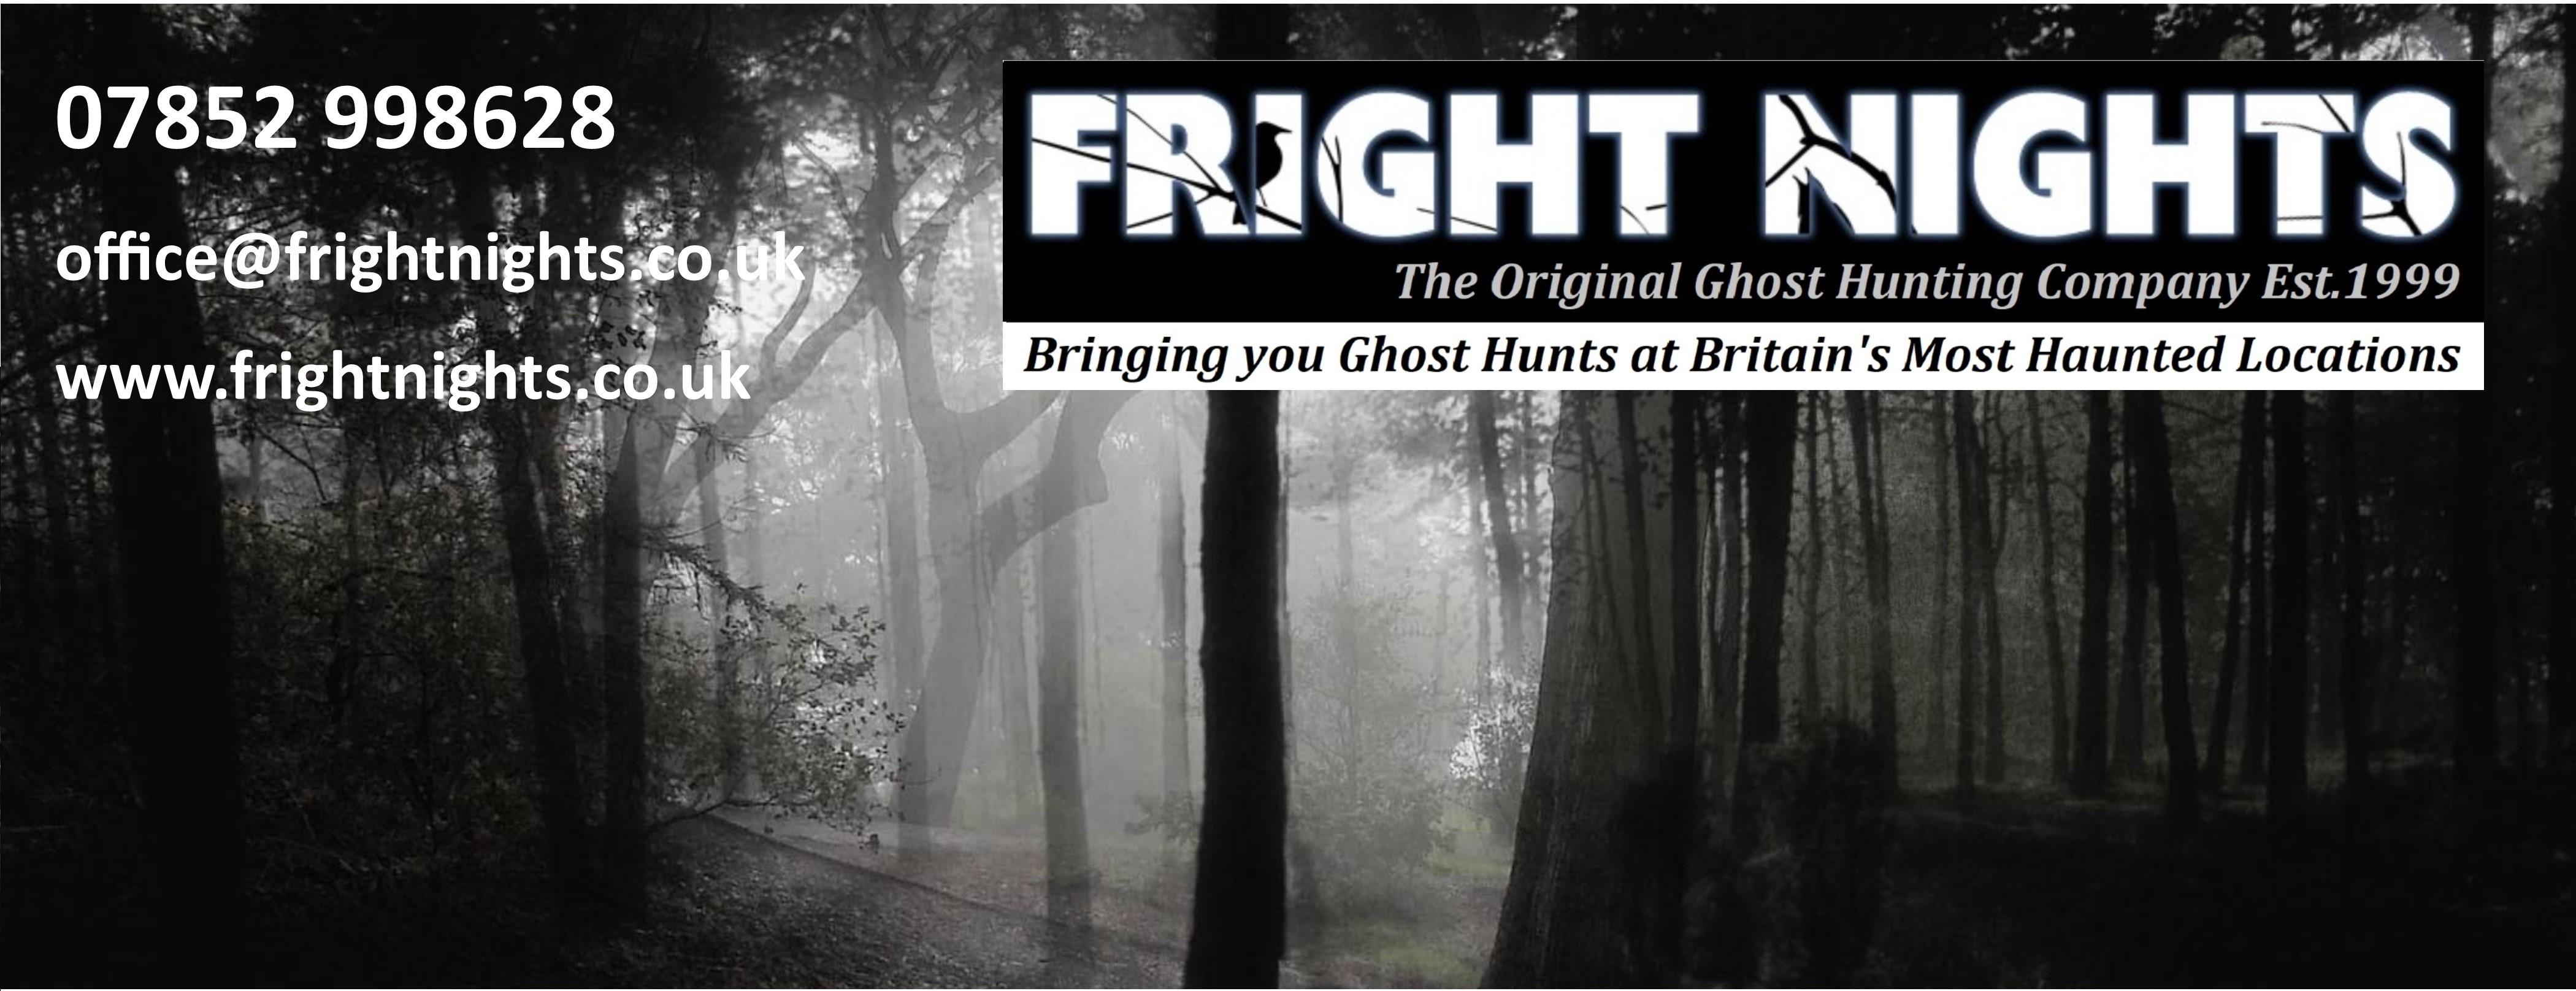 Fright Nights Spring Facebook Header 2